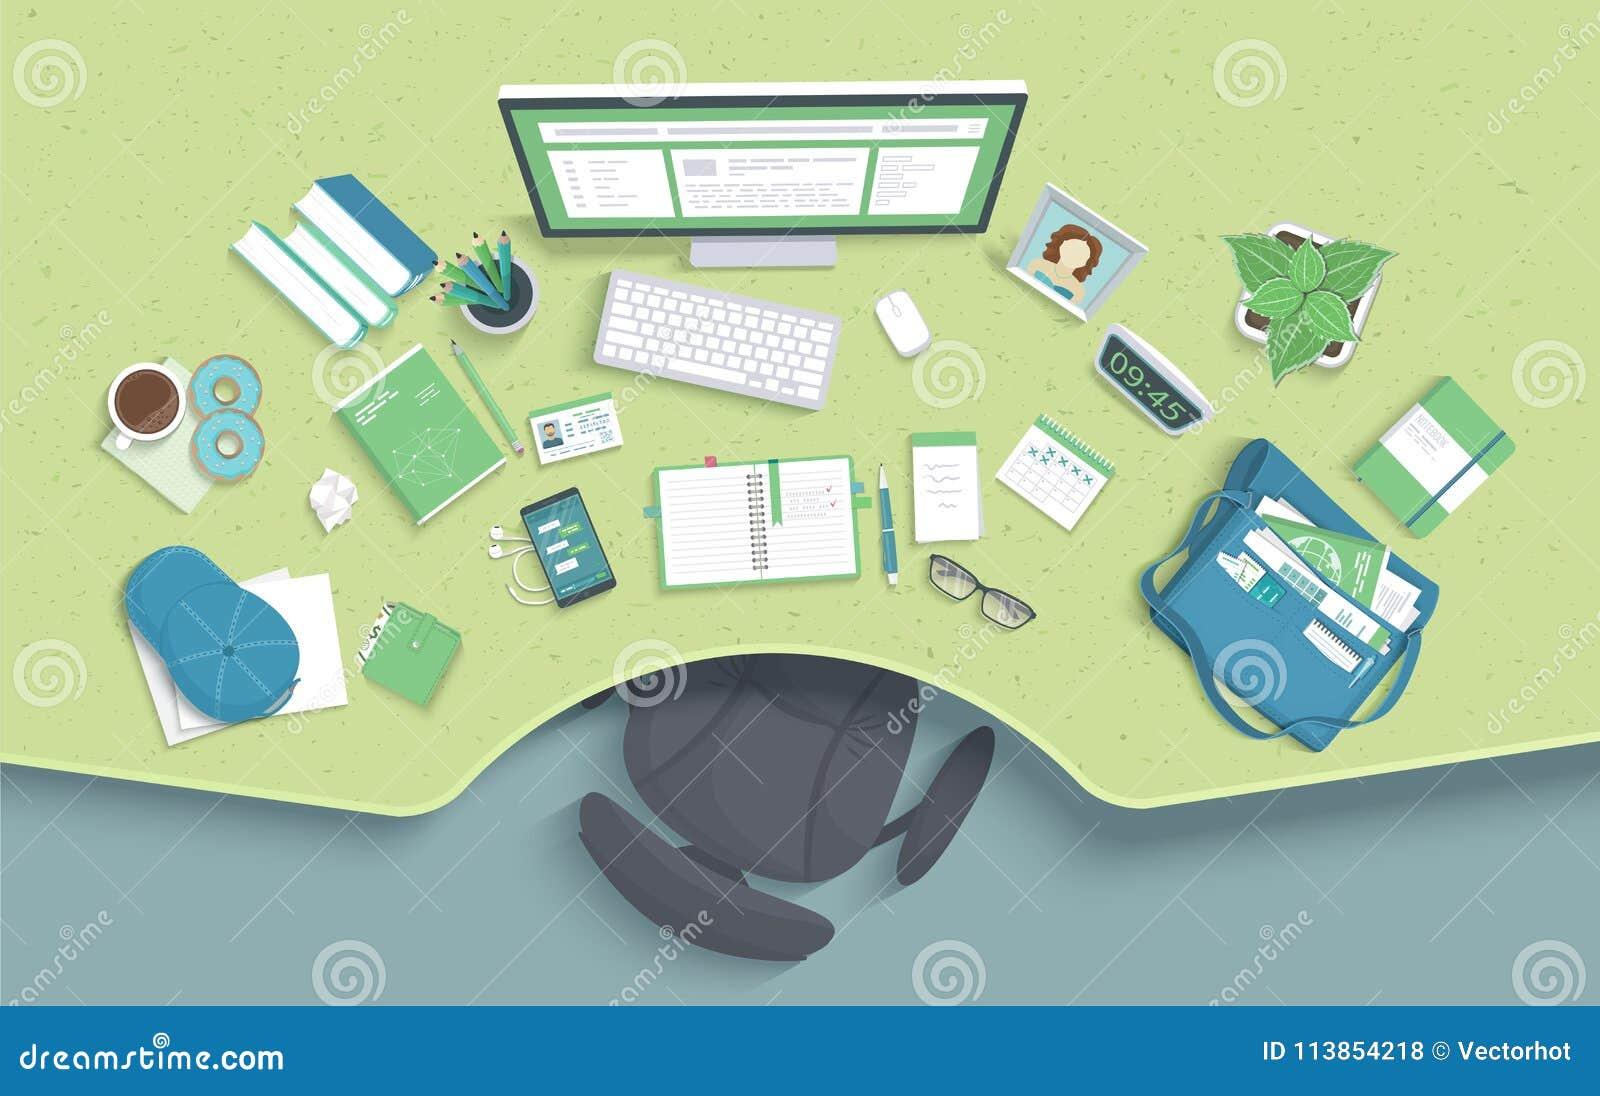 Πίνακας με την κοιλότητα, καρέκλα, όργανο ελέγχου, βιβλία, σημειωματάριο, ακουστικά, τηλέφωνο Σύγχρονος και μοντέρνος εργασιακός